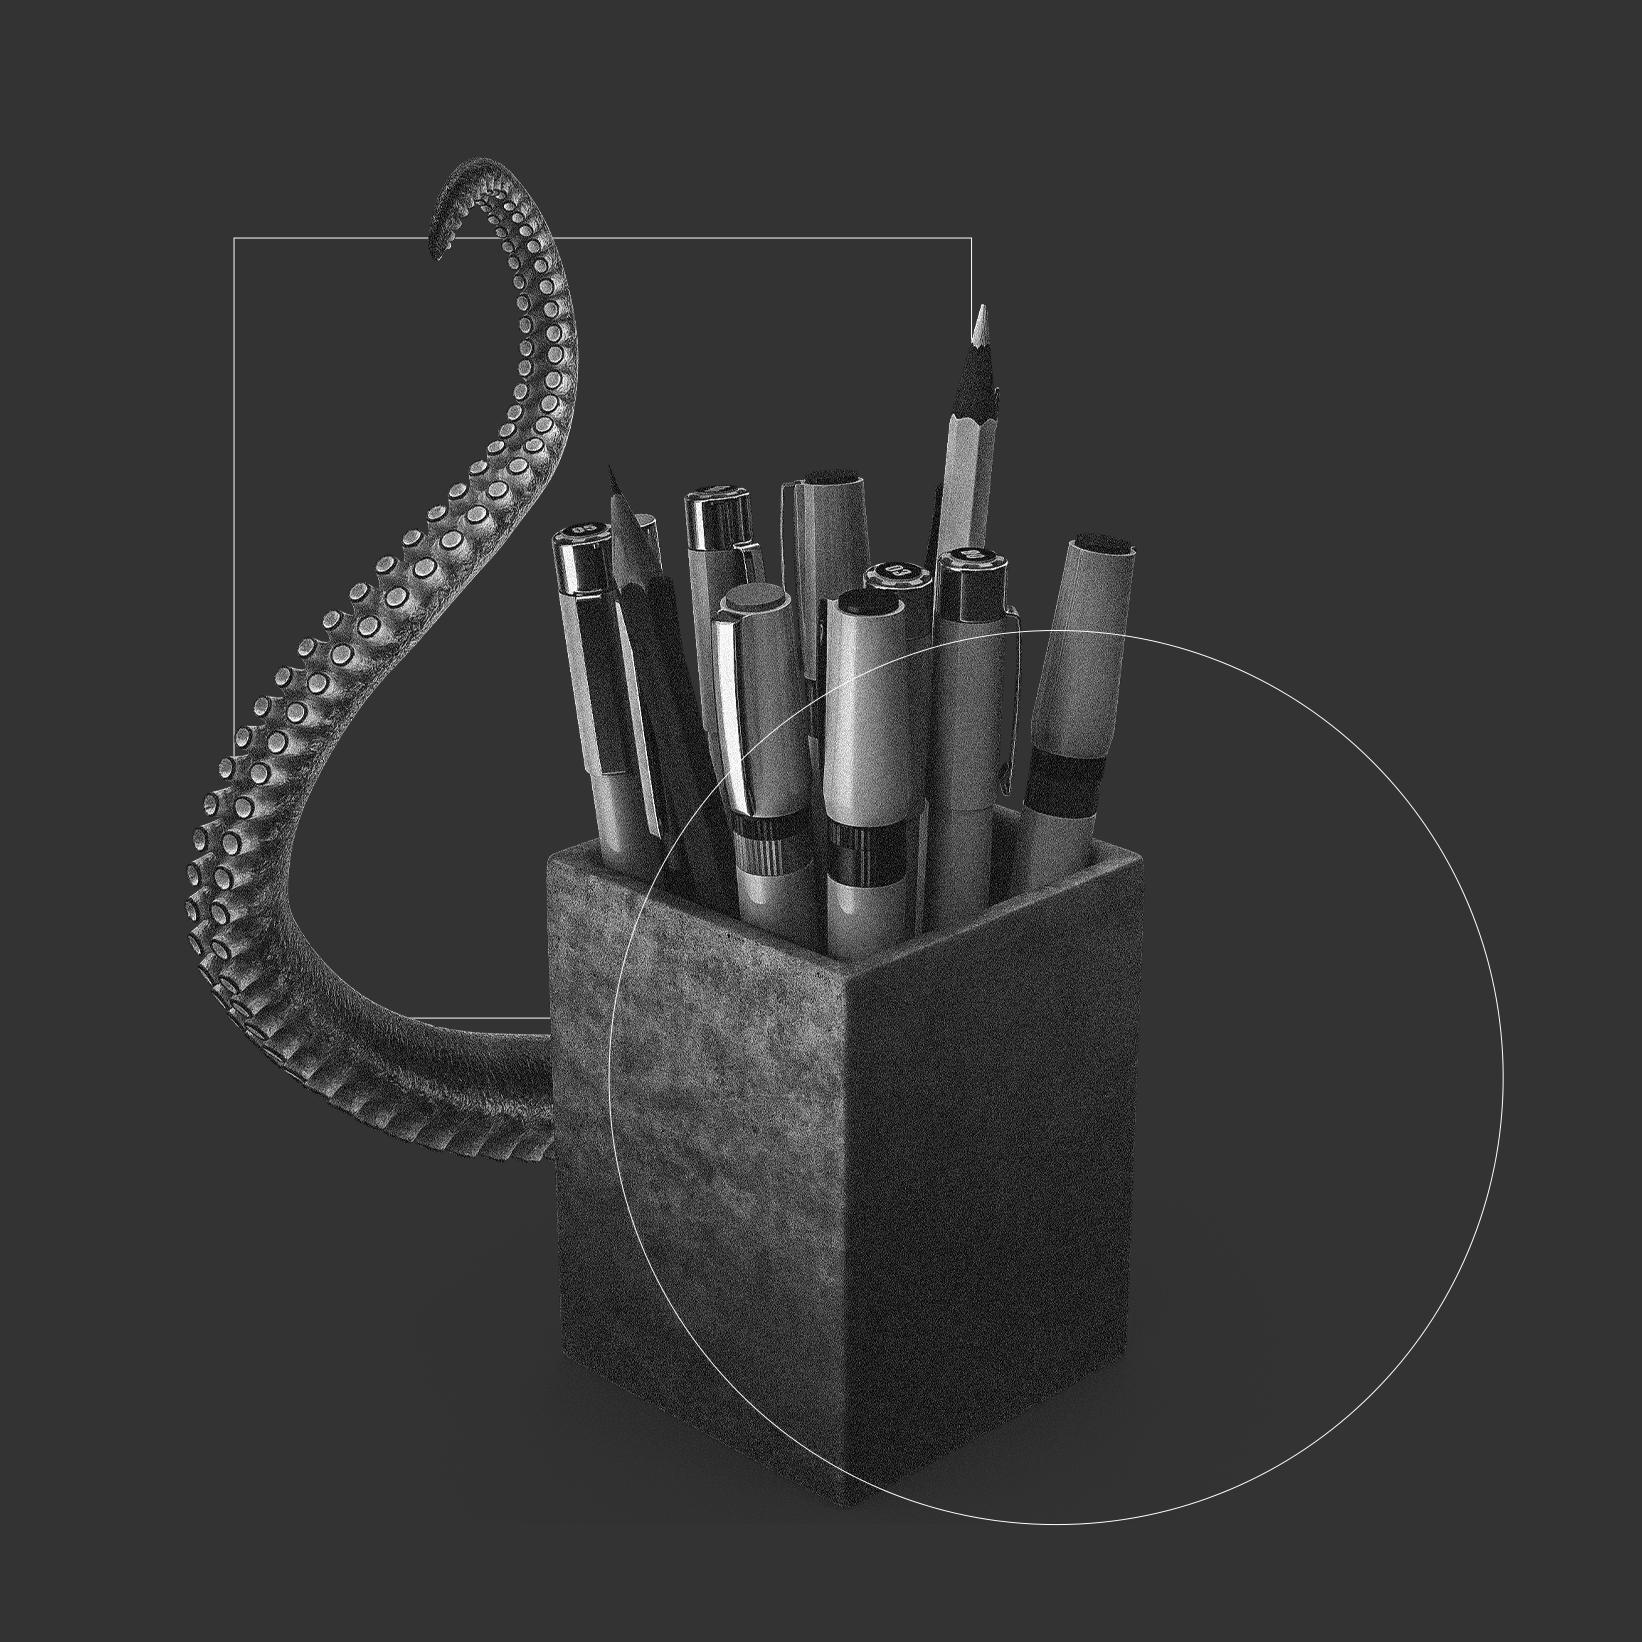 Visuel design qui représente le début d'un projet créatif que ce soit une Campagne de communication, un flyer, une Brochure, la création d'un logo ou des ateliers pour améliorer l'expérience utilisateur d'une application mobile